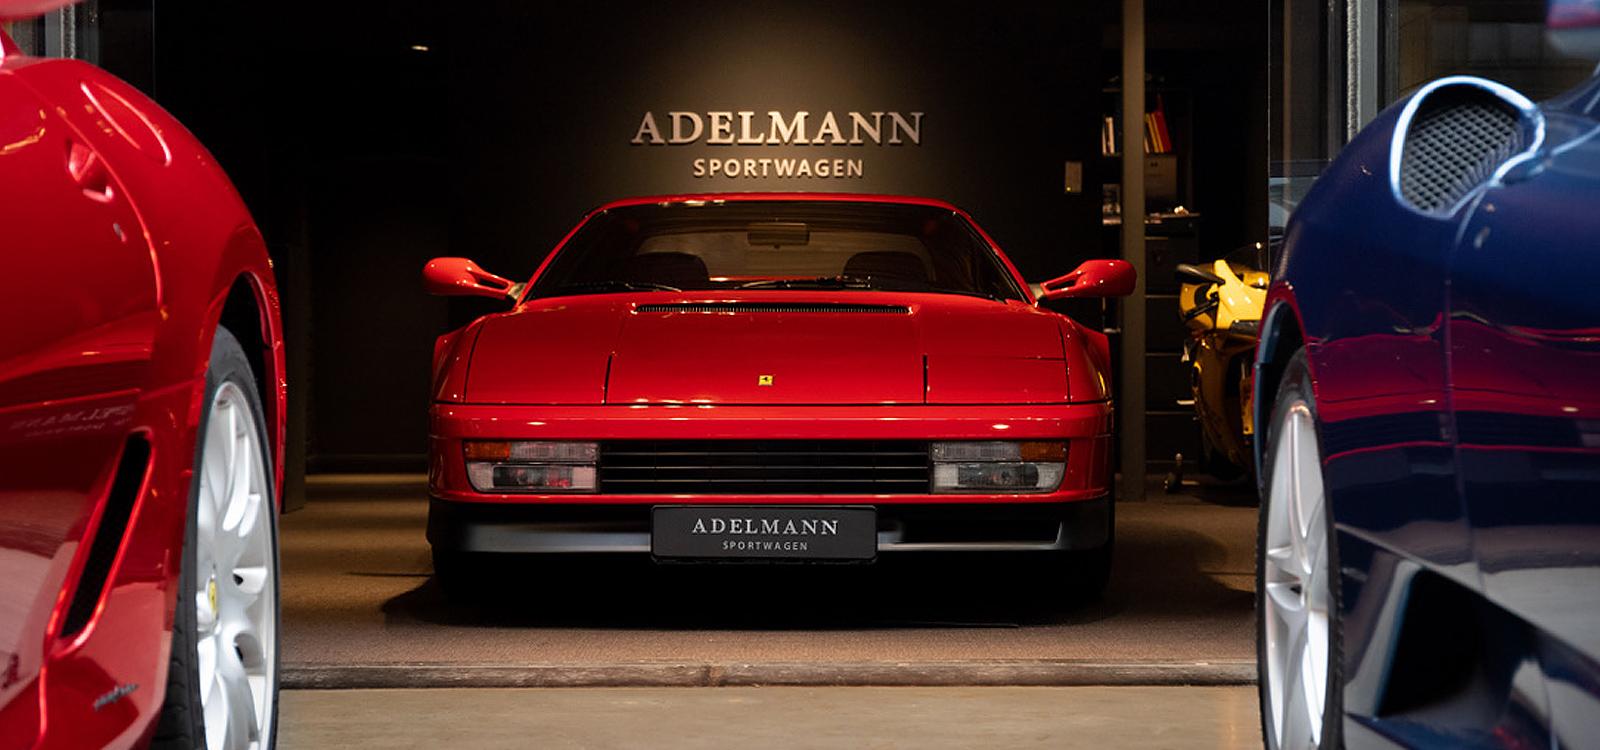 Sportwagen Adelmann